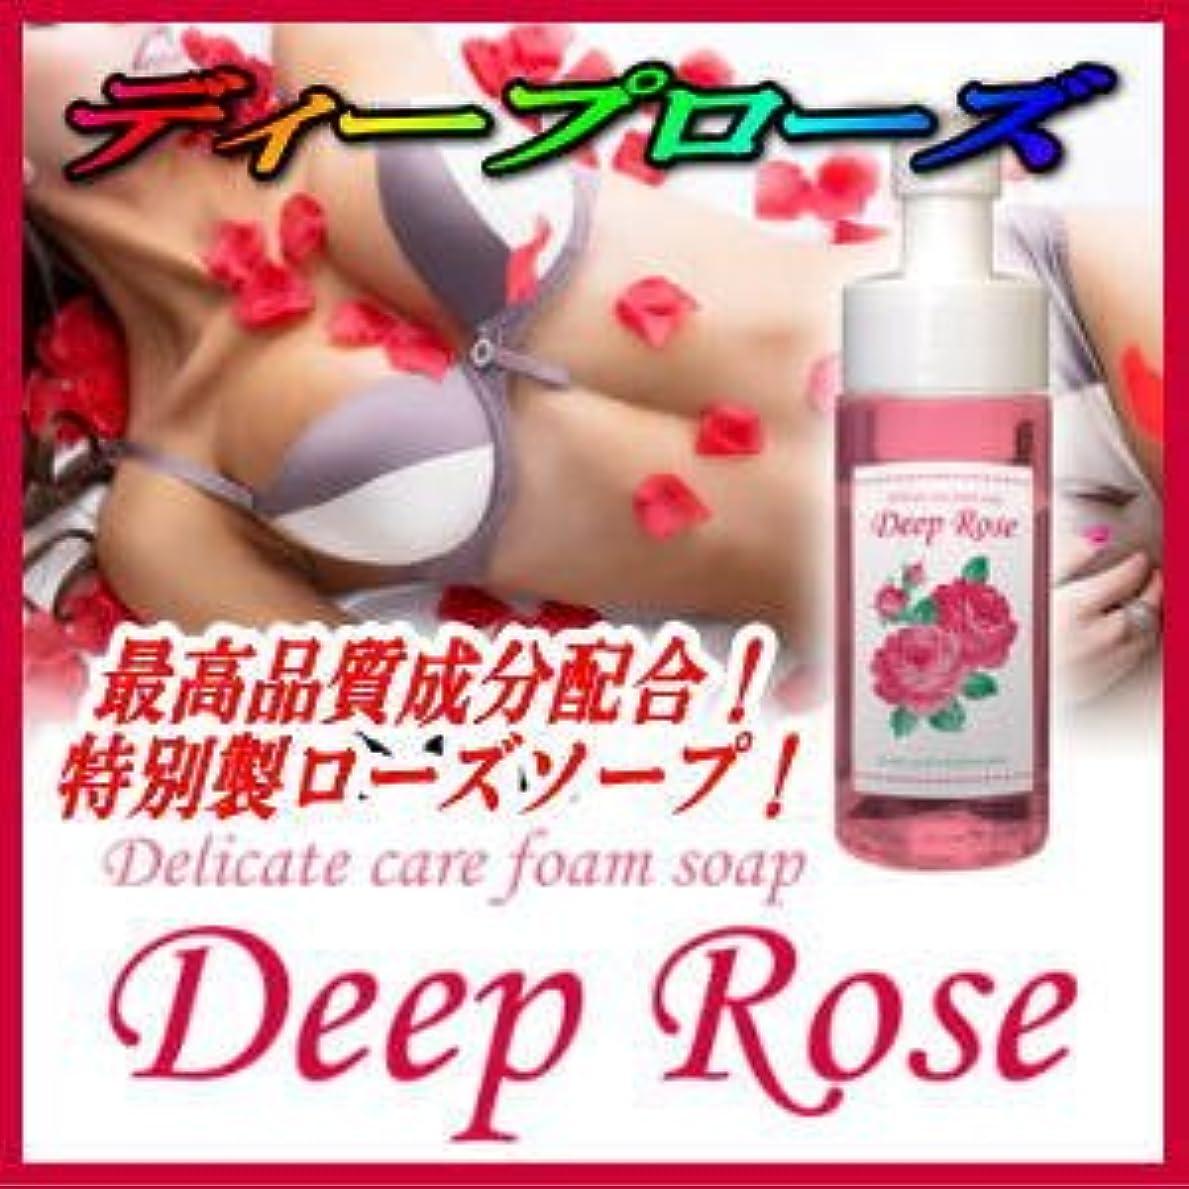 程度溶ける高揚したDEEP ROSE (ディープローズ)